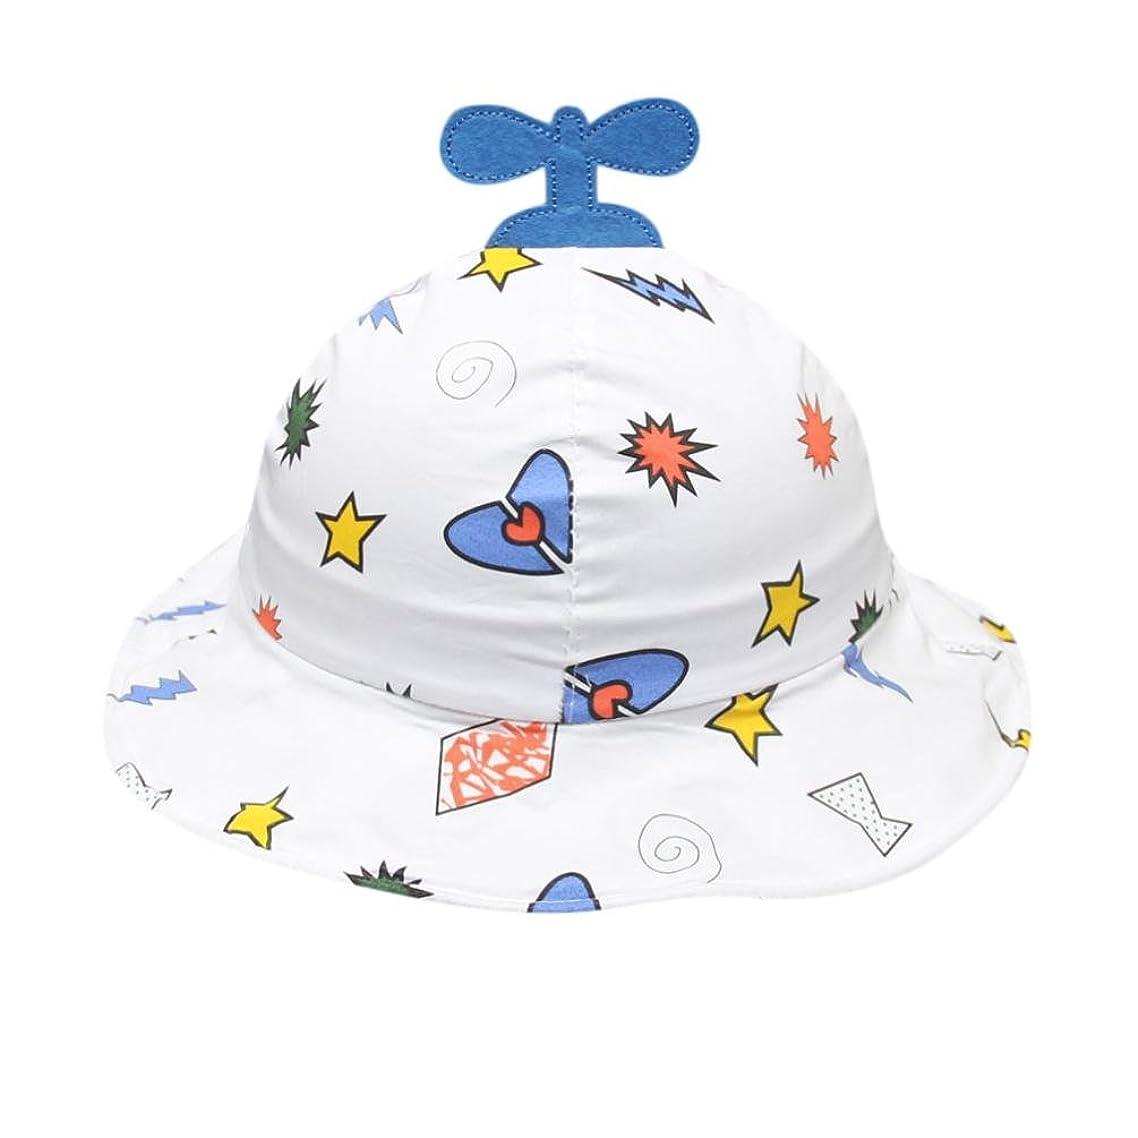 パフ増強する以来Mhomzawa ベビー用ハット つば広 赤ちゃんキャップ キッズ 帽子 子供サンバイザー フィッシャーマンハット アニマル図案 男の子 女の子 男女児 紫外線 UVカット お出かけ かわいい